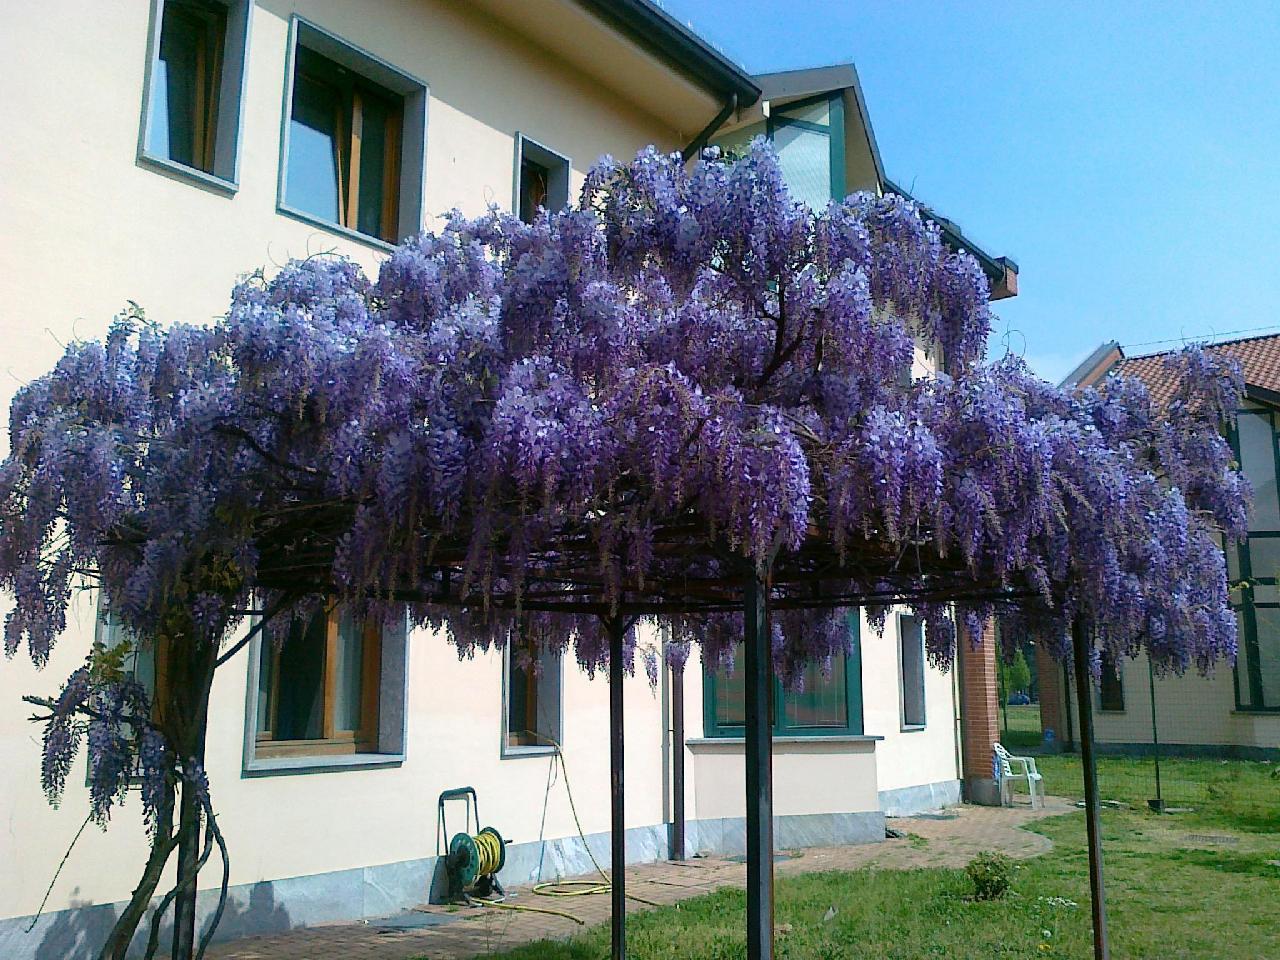 Enrica signora g il glicine simbolo for Bouganville fioritura